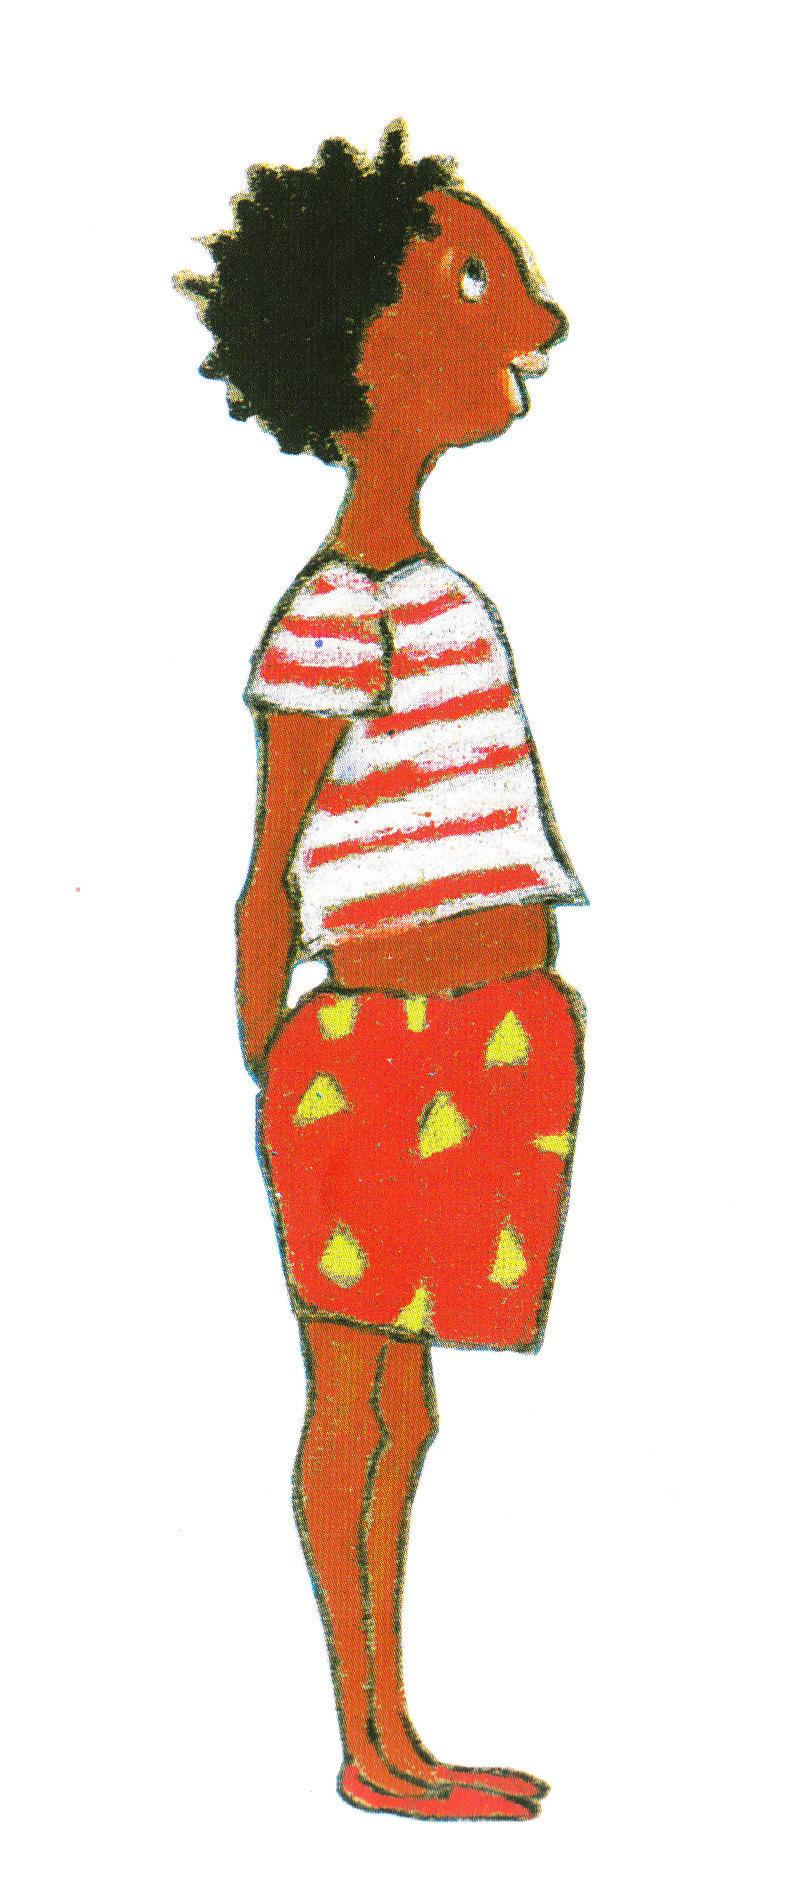 Tibili Le Petit Garçon Qui Ne Voulait Pas Aller à L'école Gs : tibili, petit, garçon, voulait, aller, l'école, AFRIQUE, Tibili,, Garçon, Voulait, Aller, L'école, Classe, Corinne